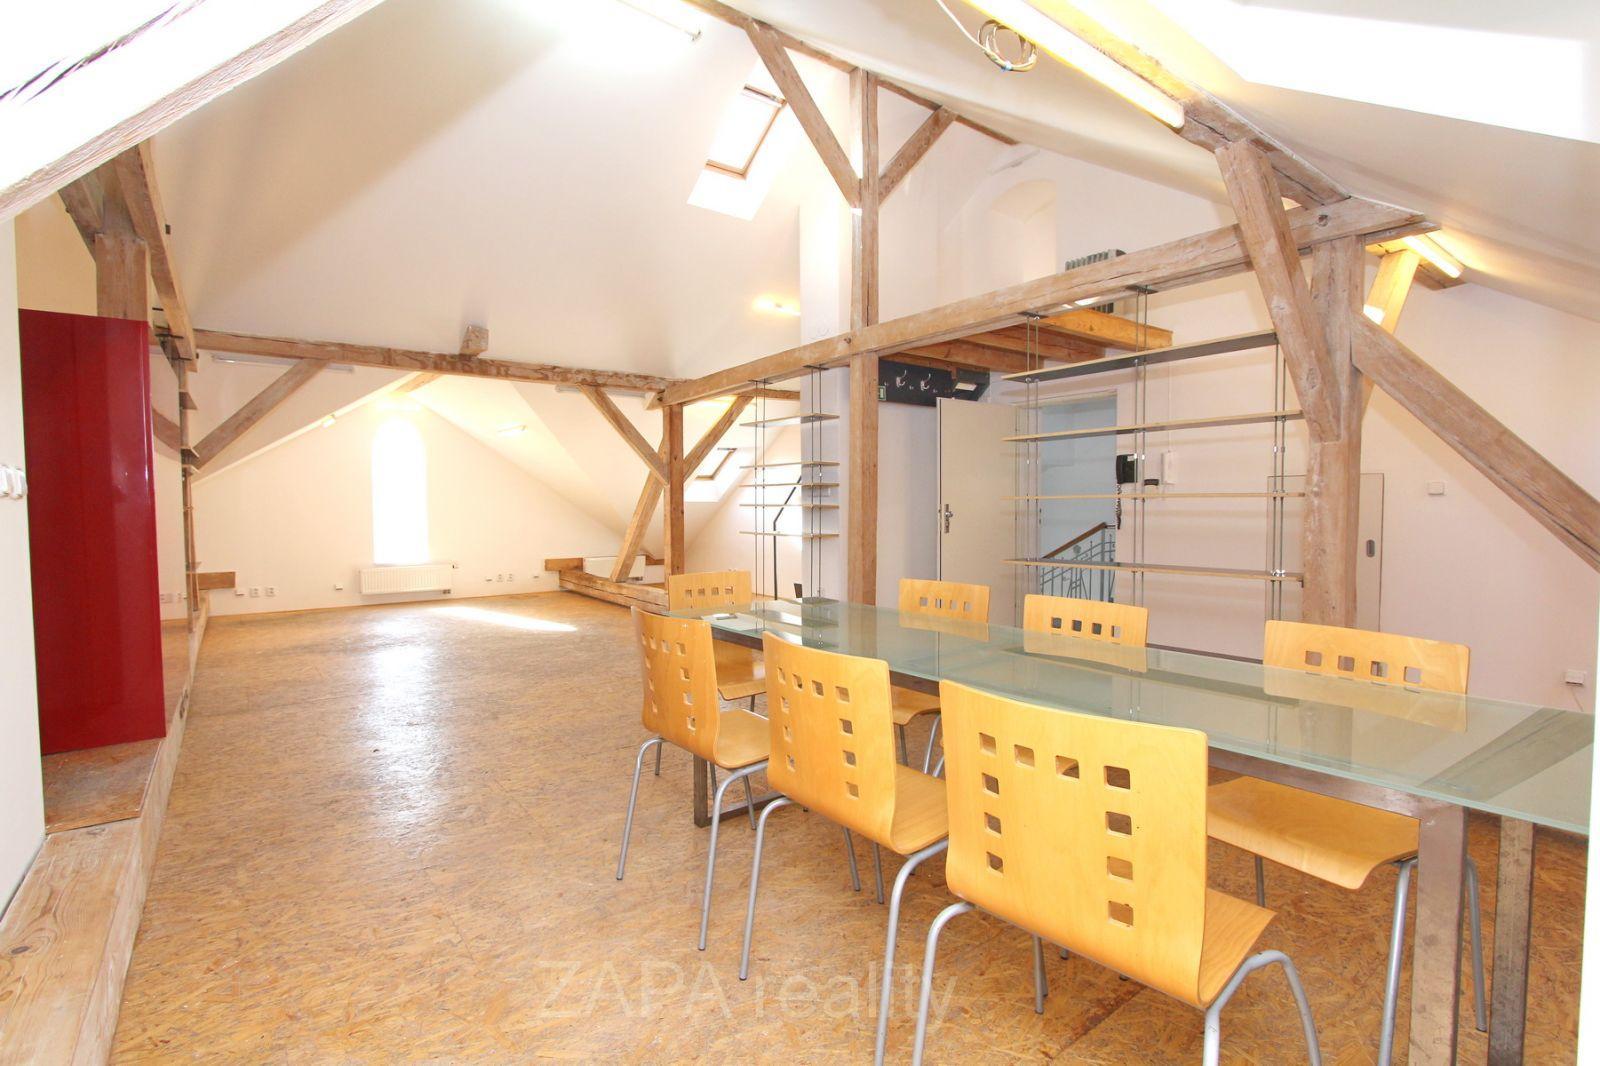 Pronájem atelieru 110m2 Praha 6 Střešovice Kajetánka